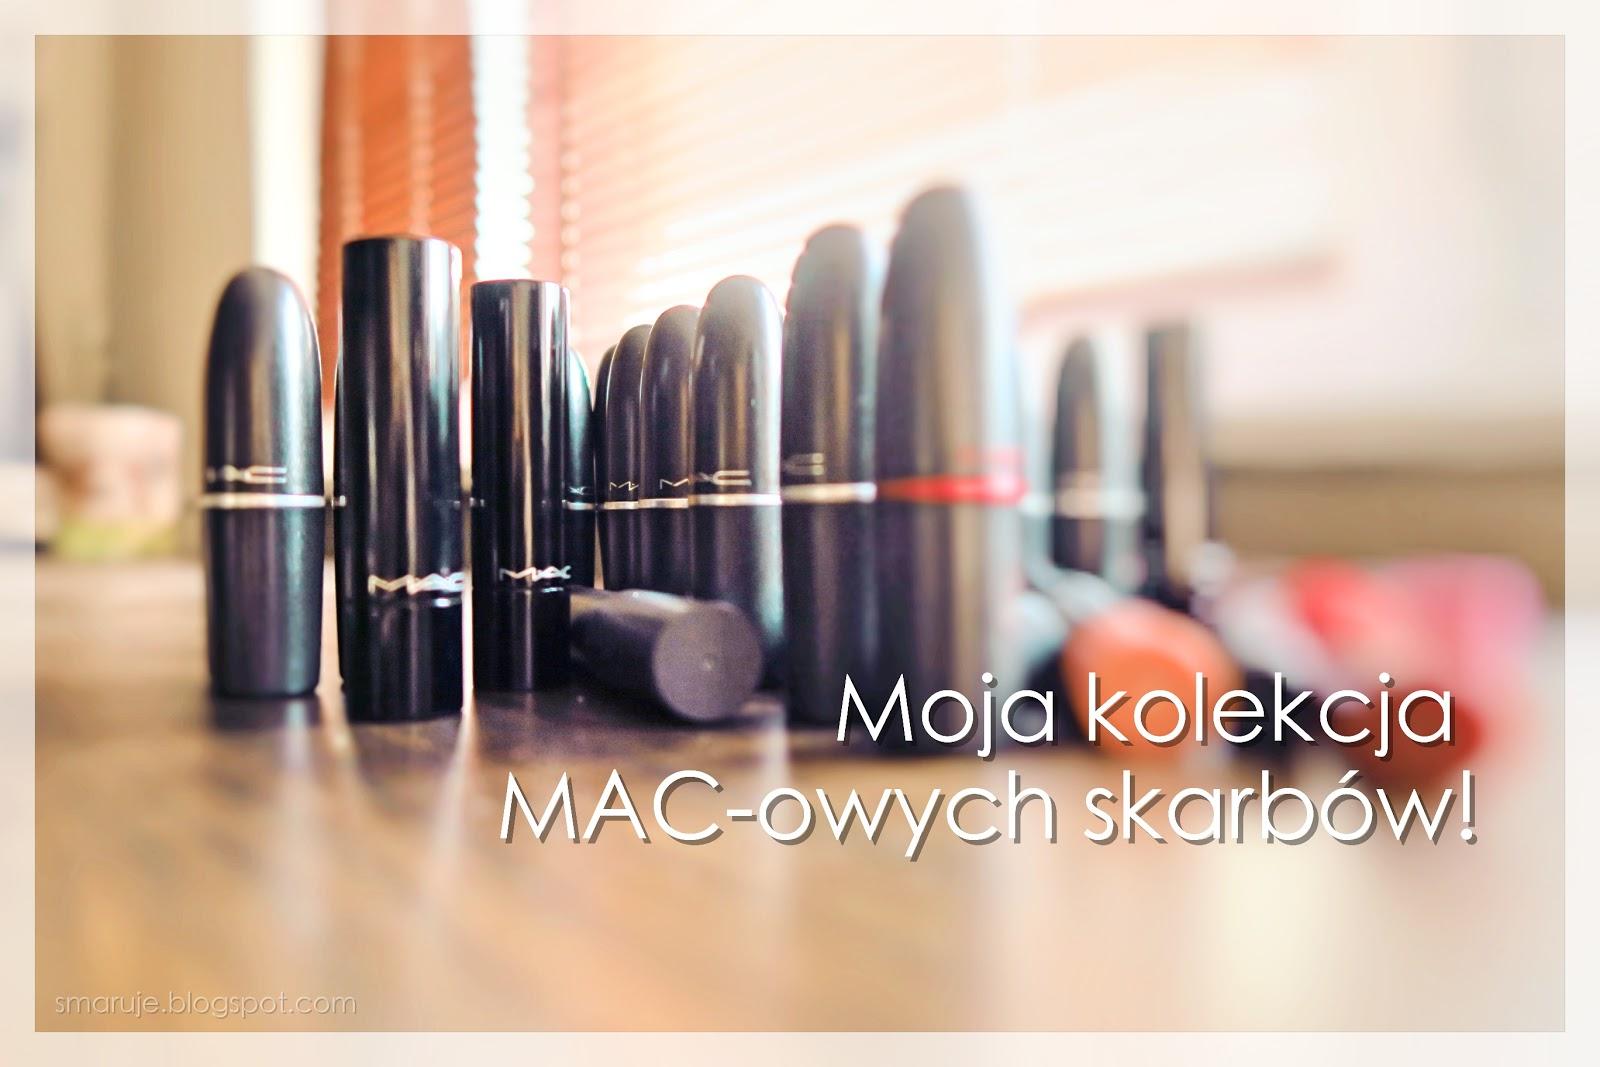 Z cyklu: don't judge! Moja kolekcja MAC-owych pomadek